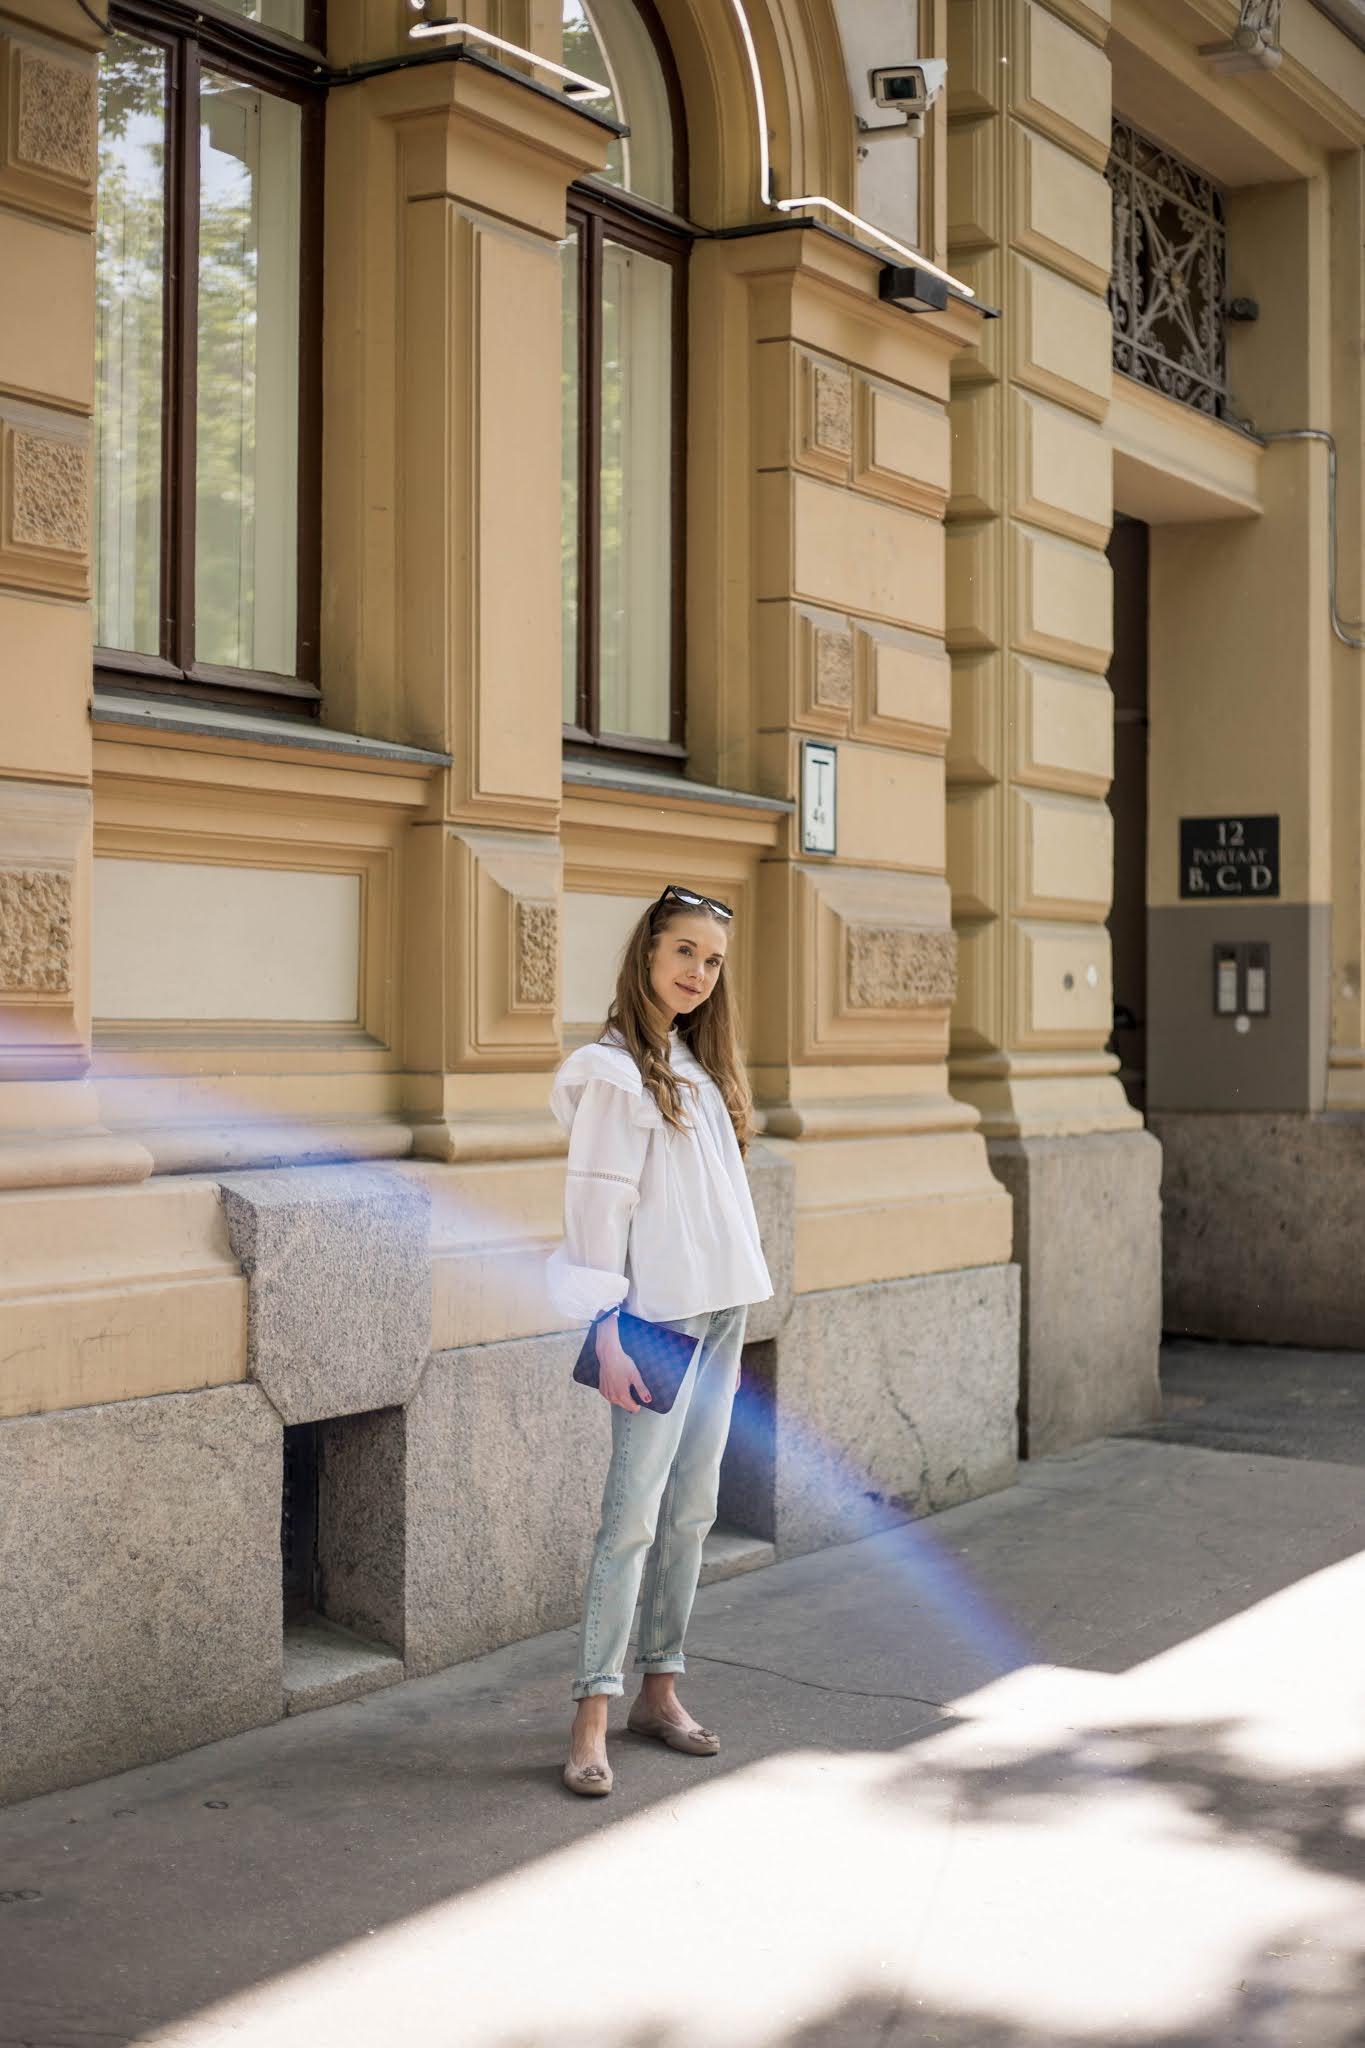 Asukokonaisuus vaaleiden farkkujen ja valkoisen paidan kanssa // Outfit with light blue jeans and white blouse